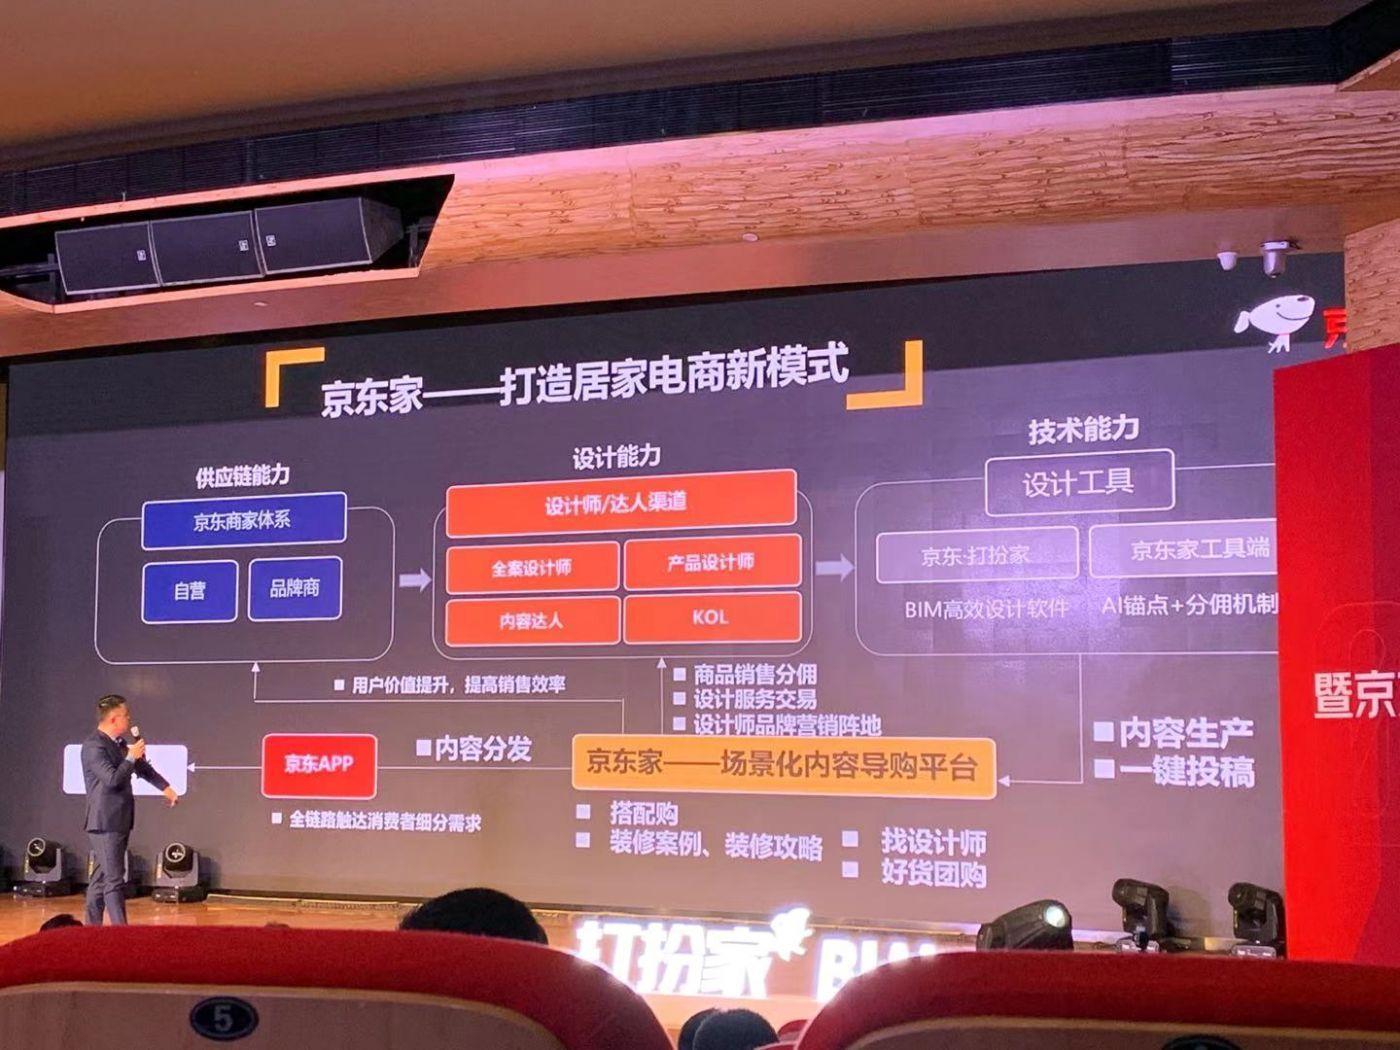 http://www.xqweigou.com/dianshangshuju/99958.html